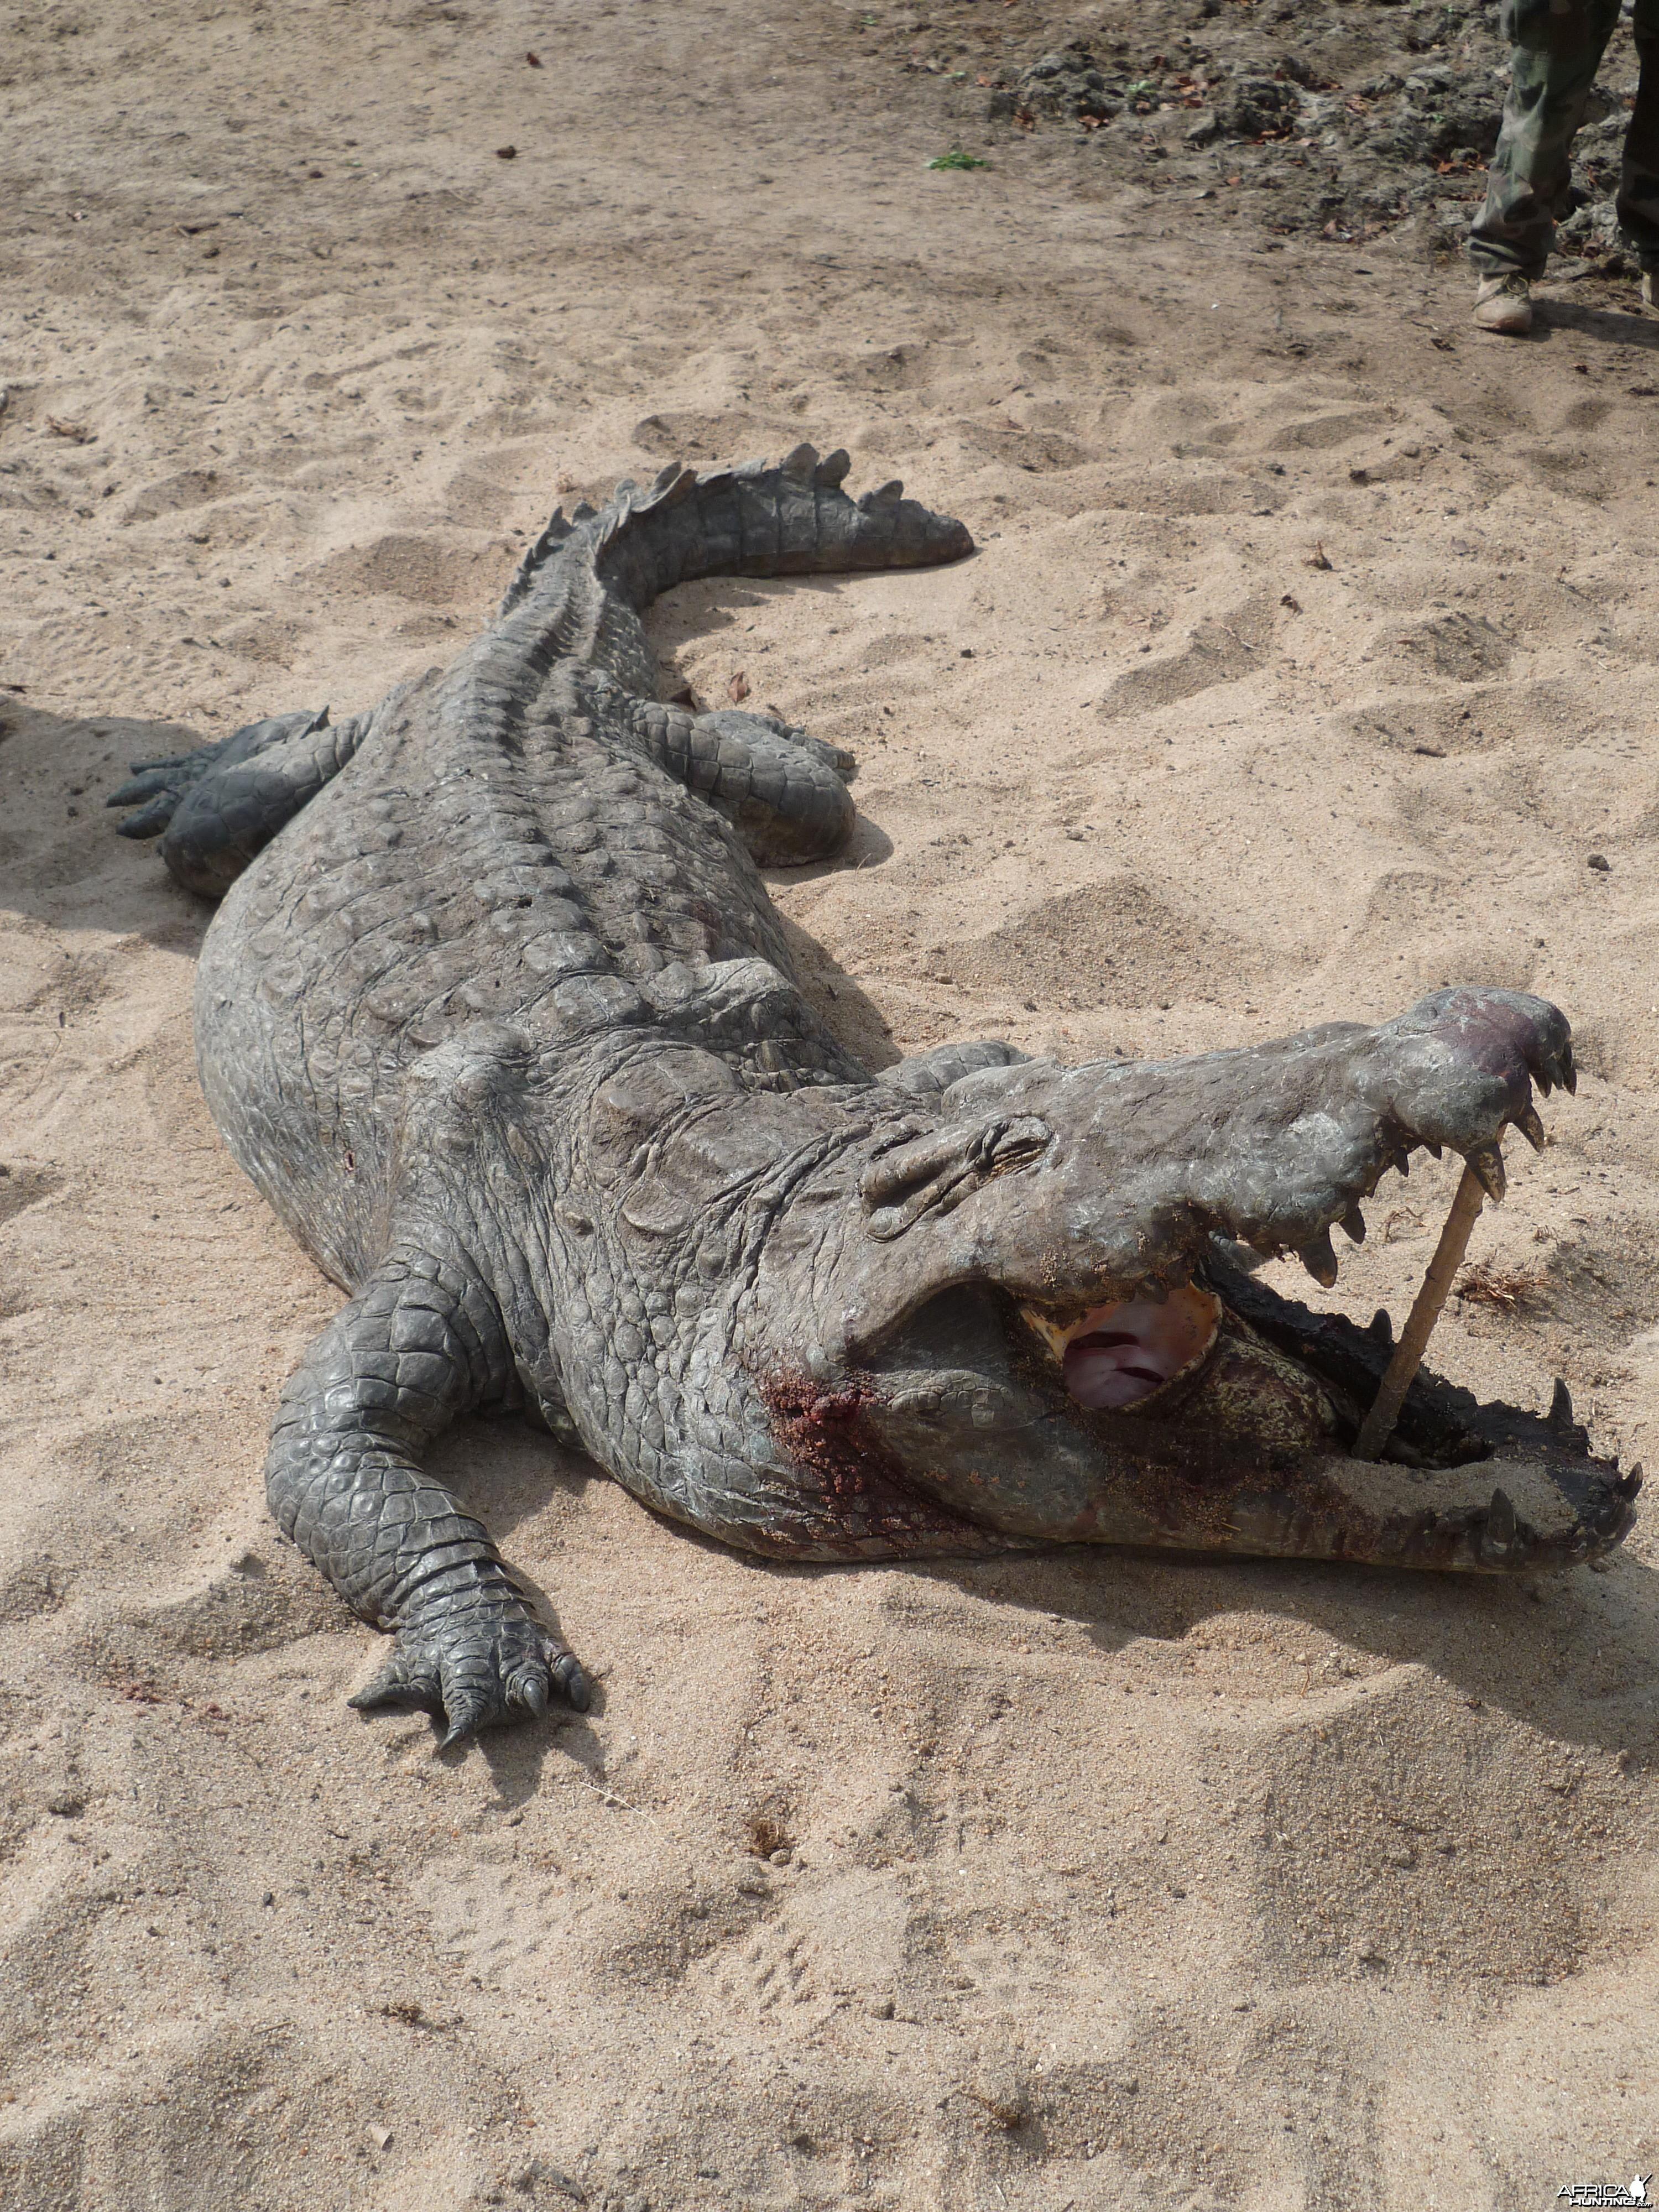 Hunting Croc in Tanzania